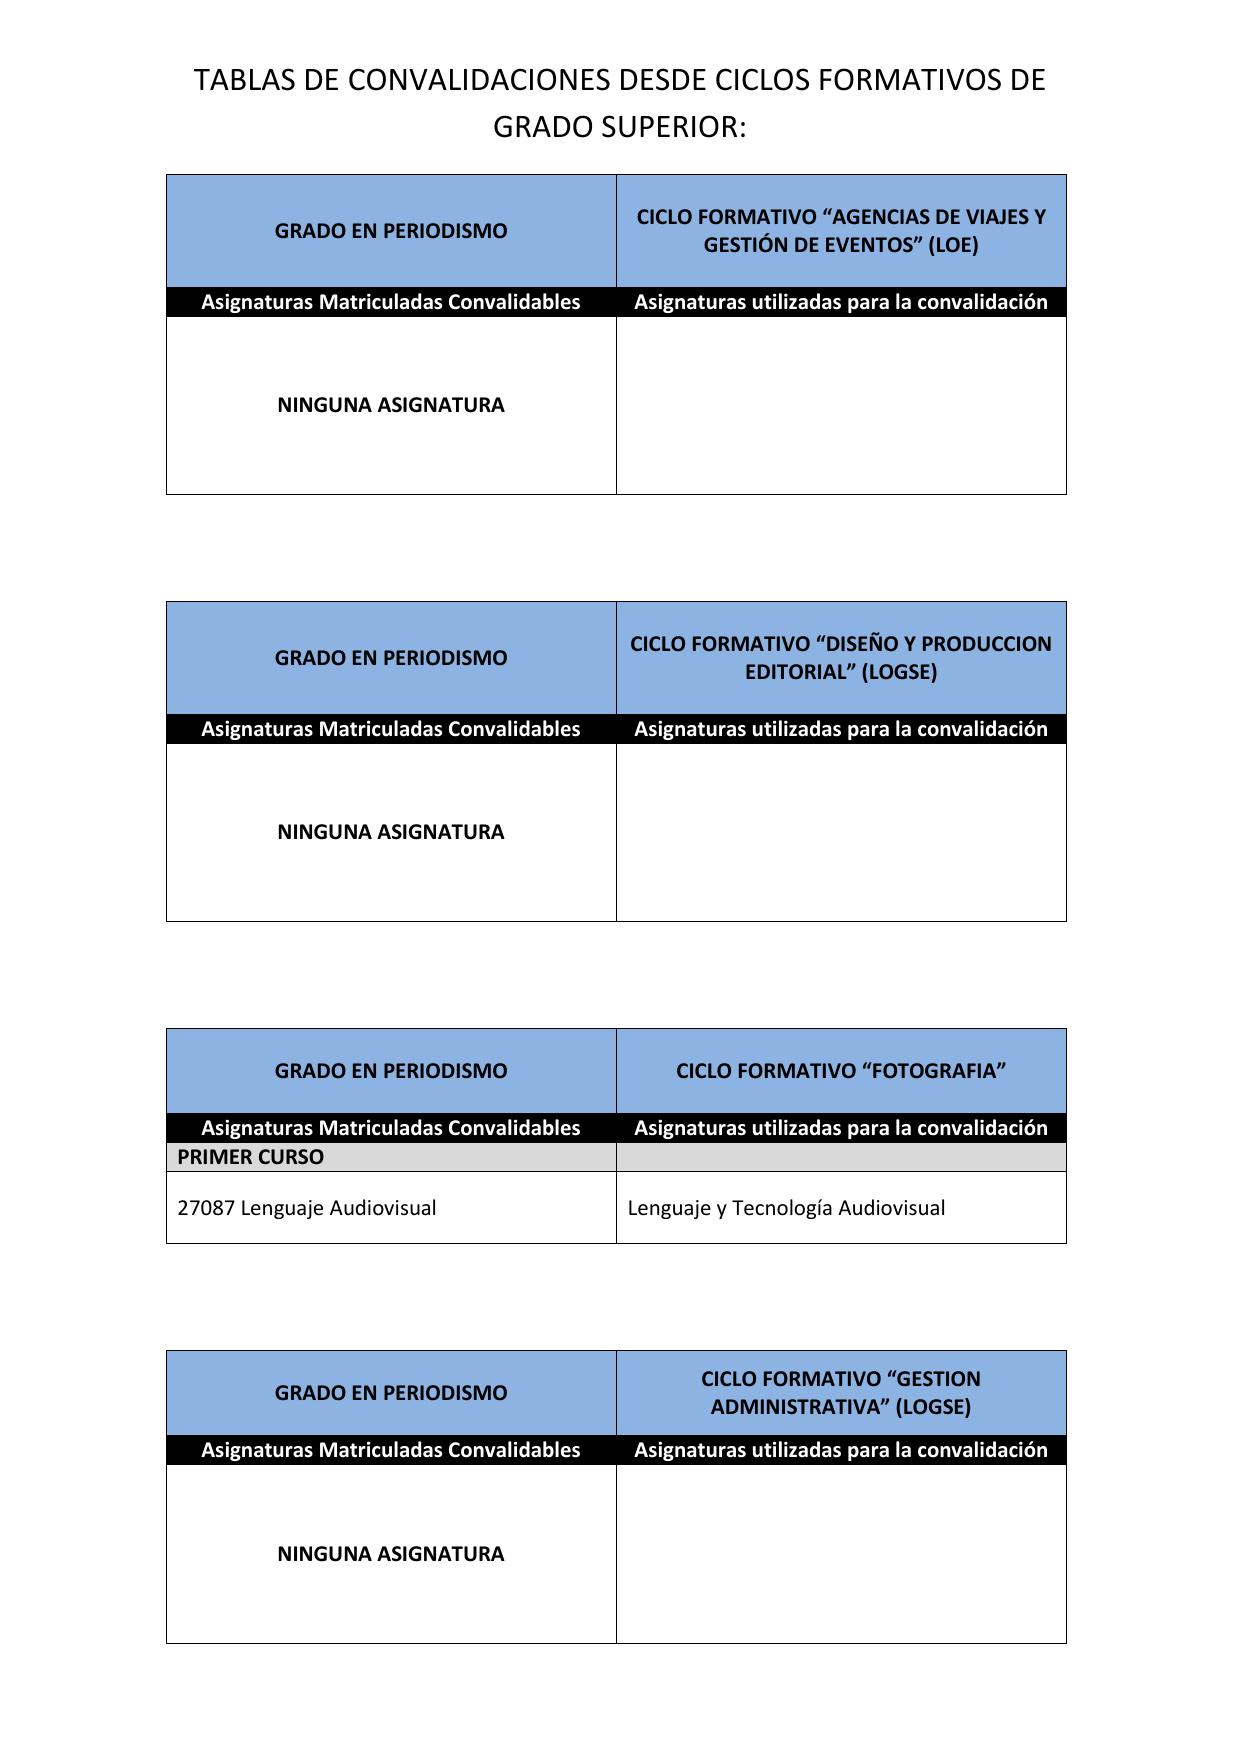 Tablas De Convalidaciones Desde Ciclos Formativos De Grado